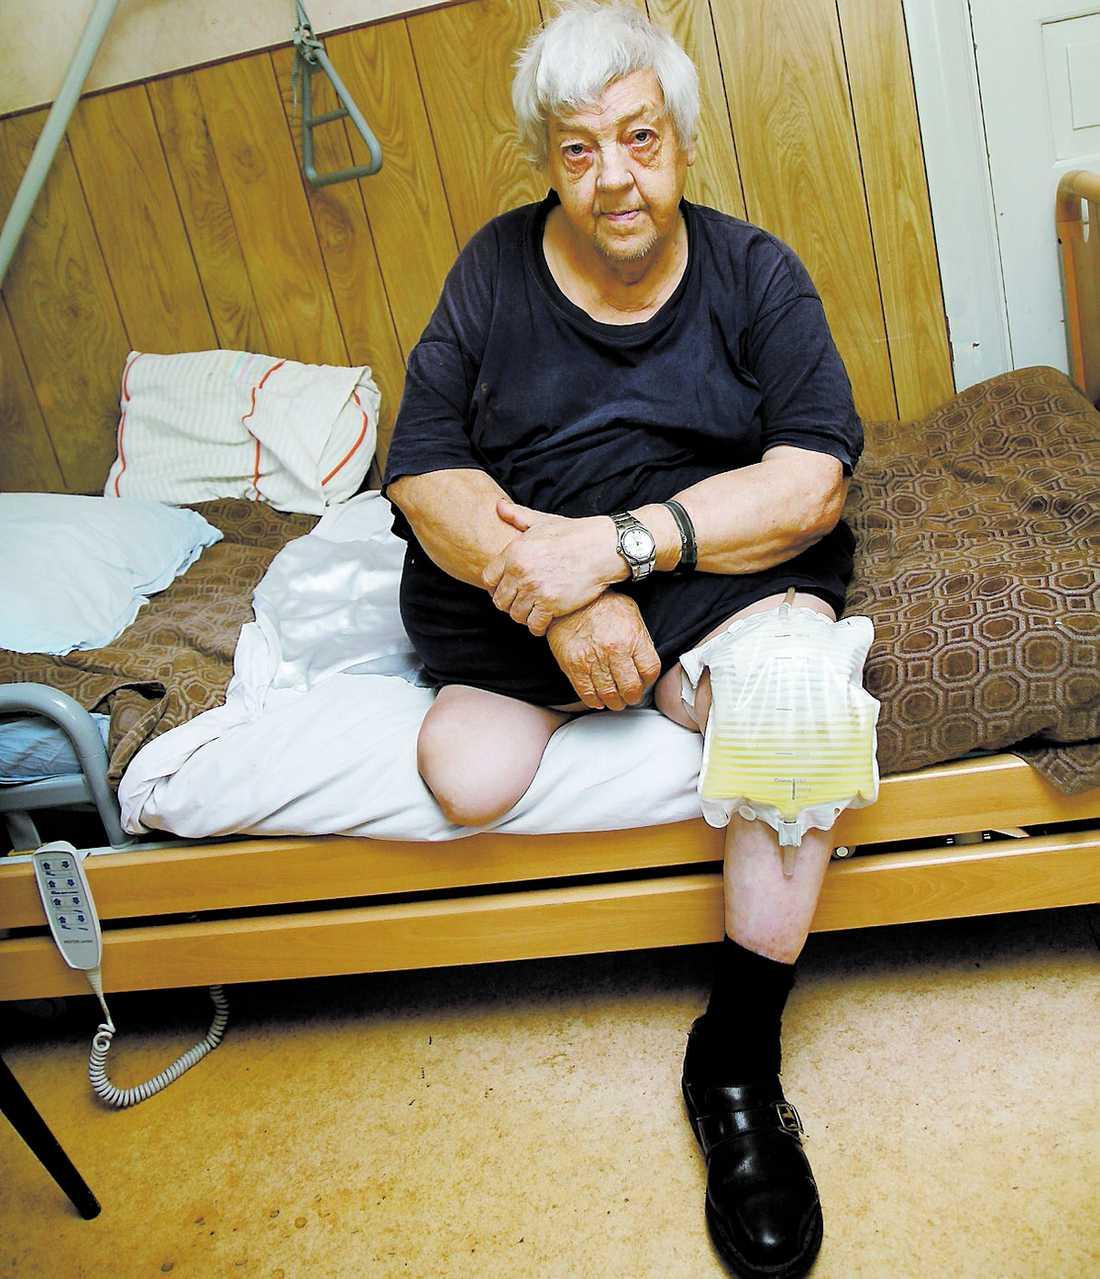 Fånge i sängen Lage Danielsson brukade klara sig själv när han hade sin protes – nu kan han inte ta sig ur sängen på egen hand.